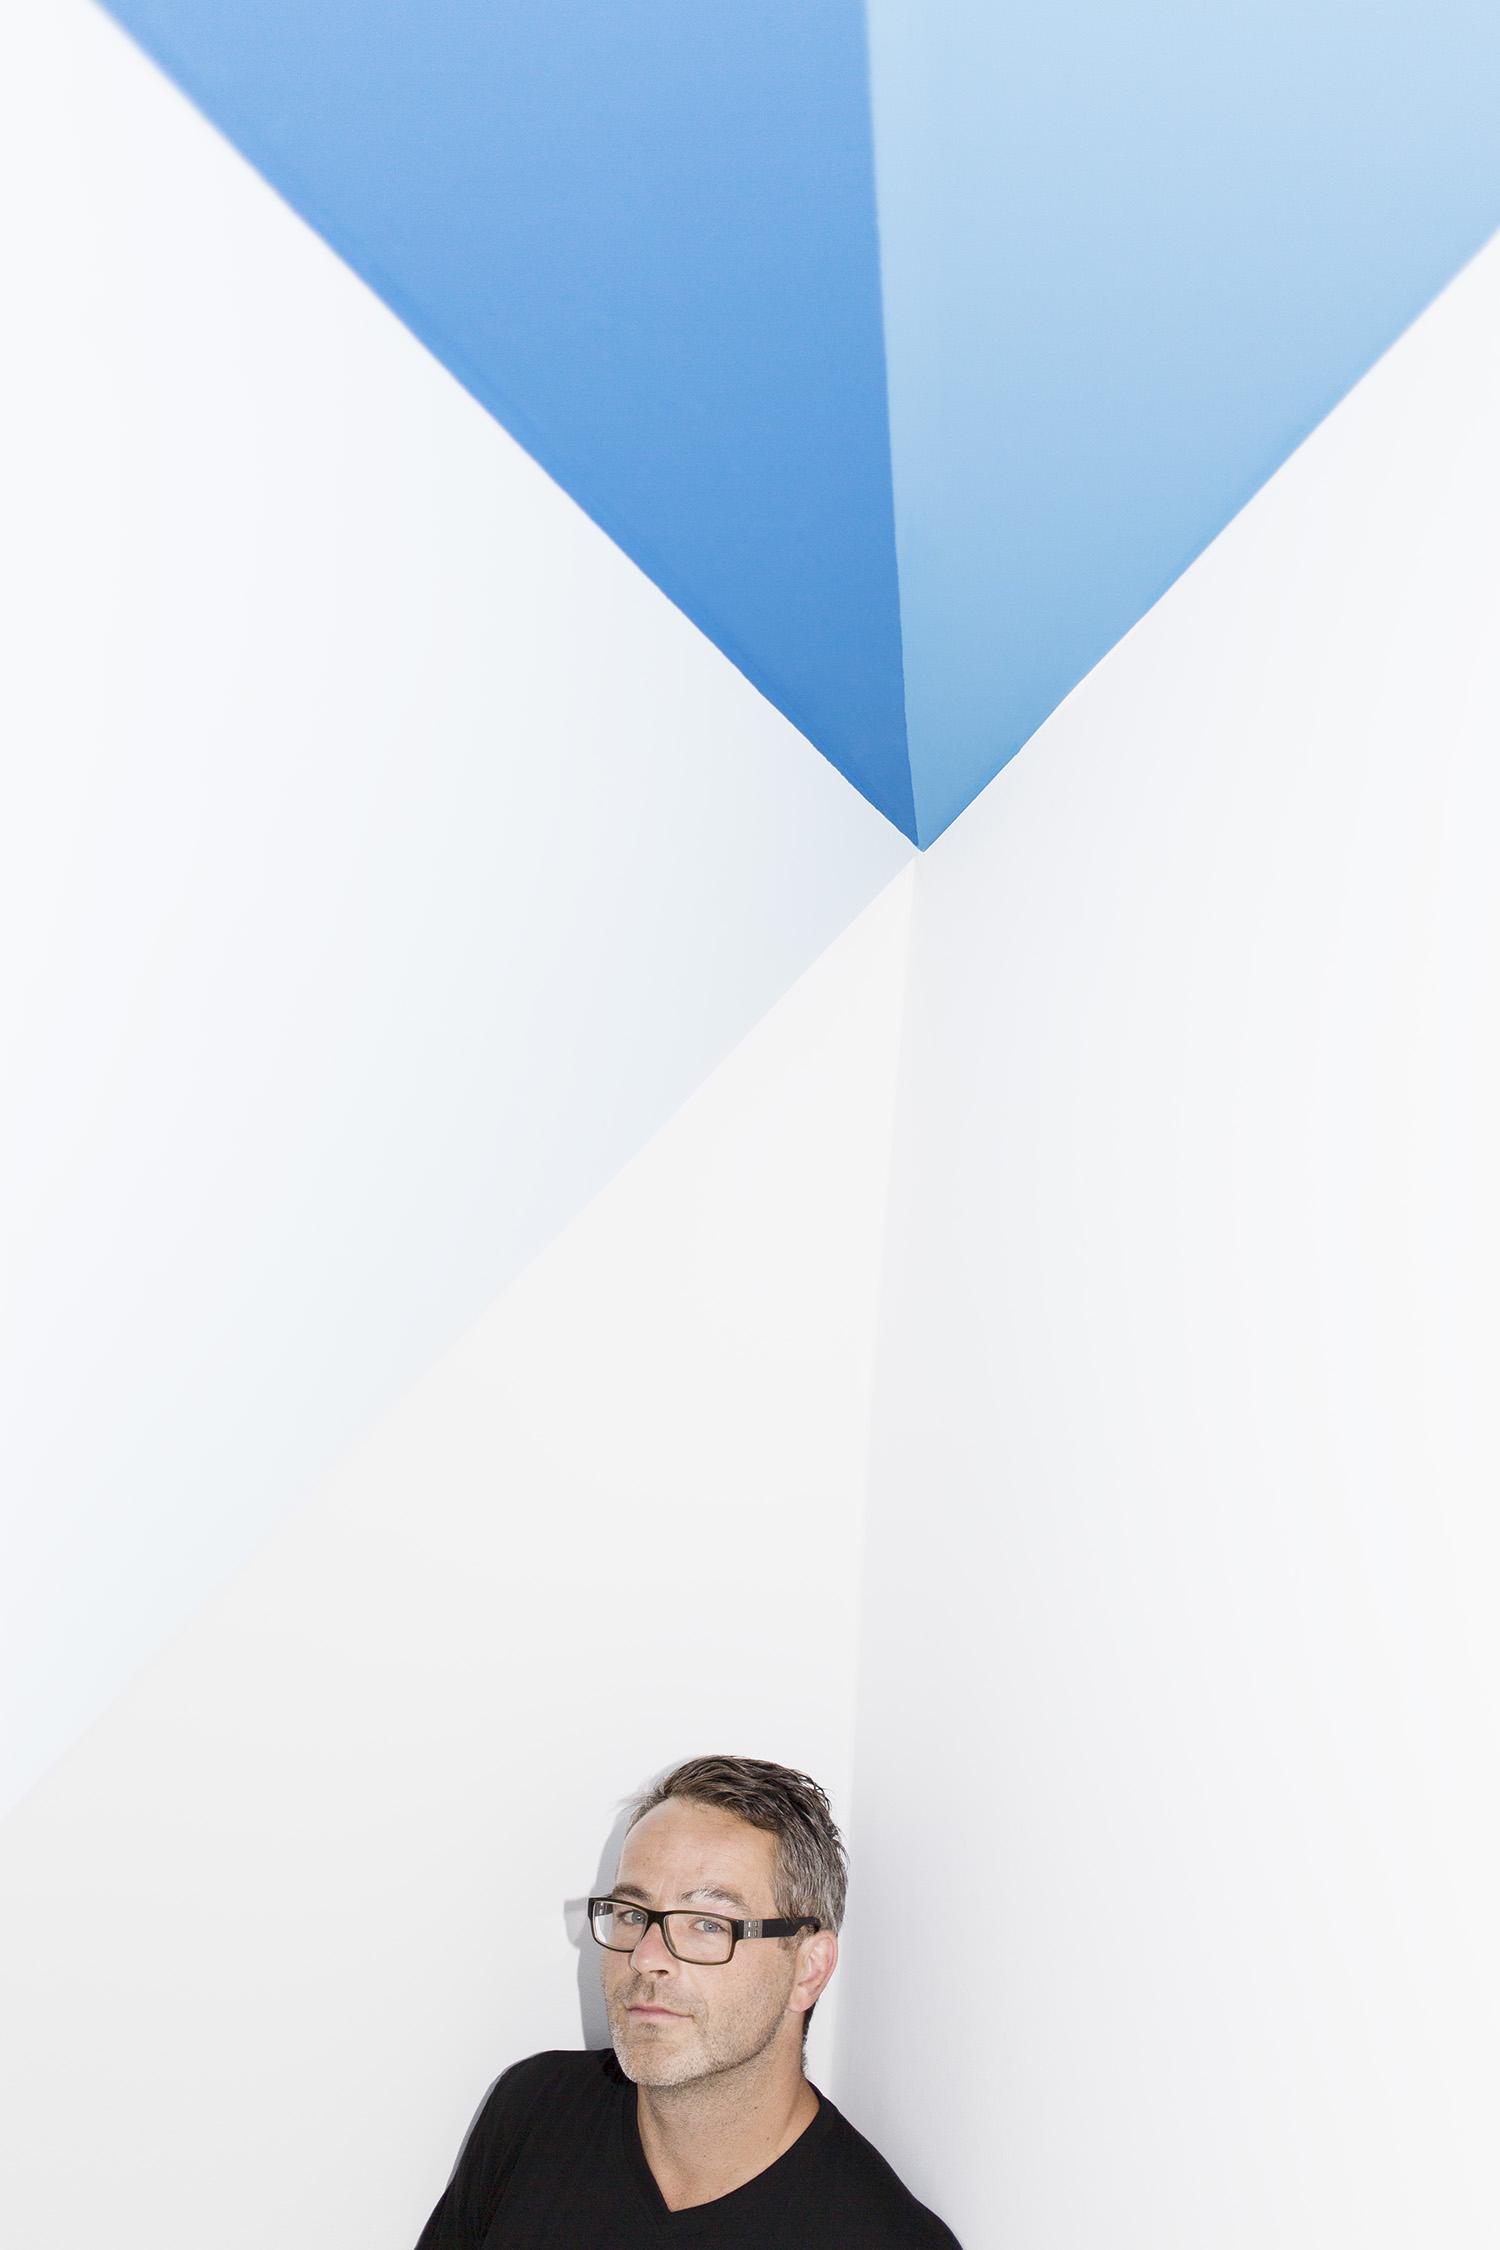 Andree Weißert, architect & designer